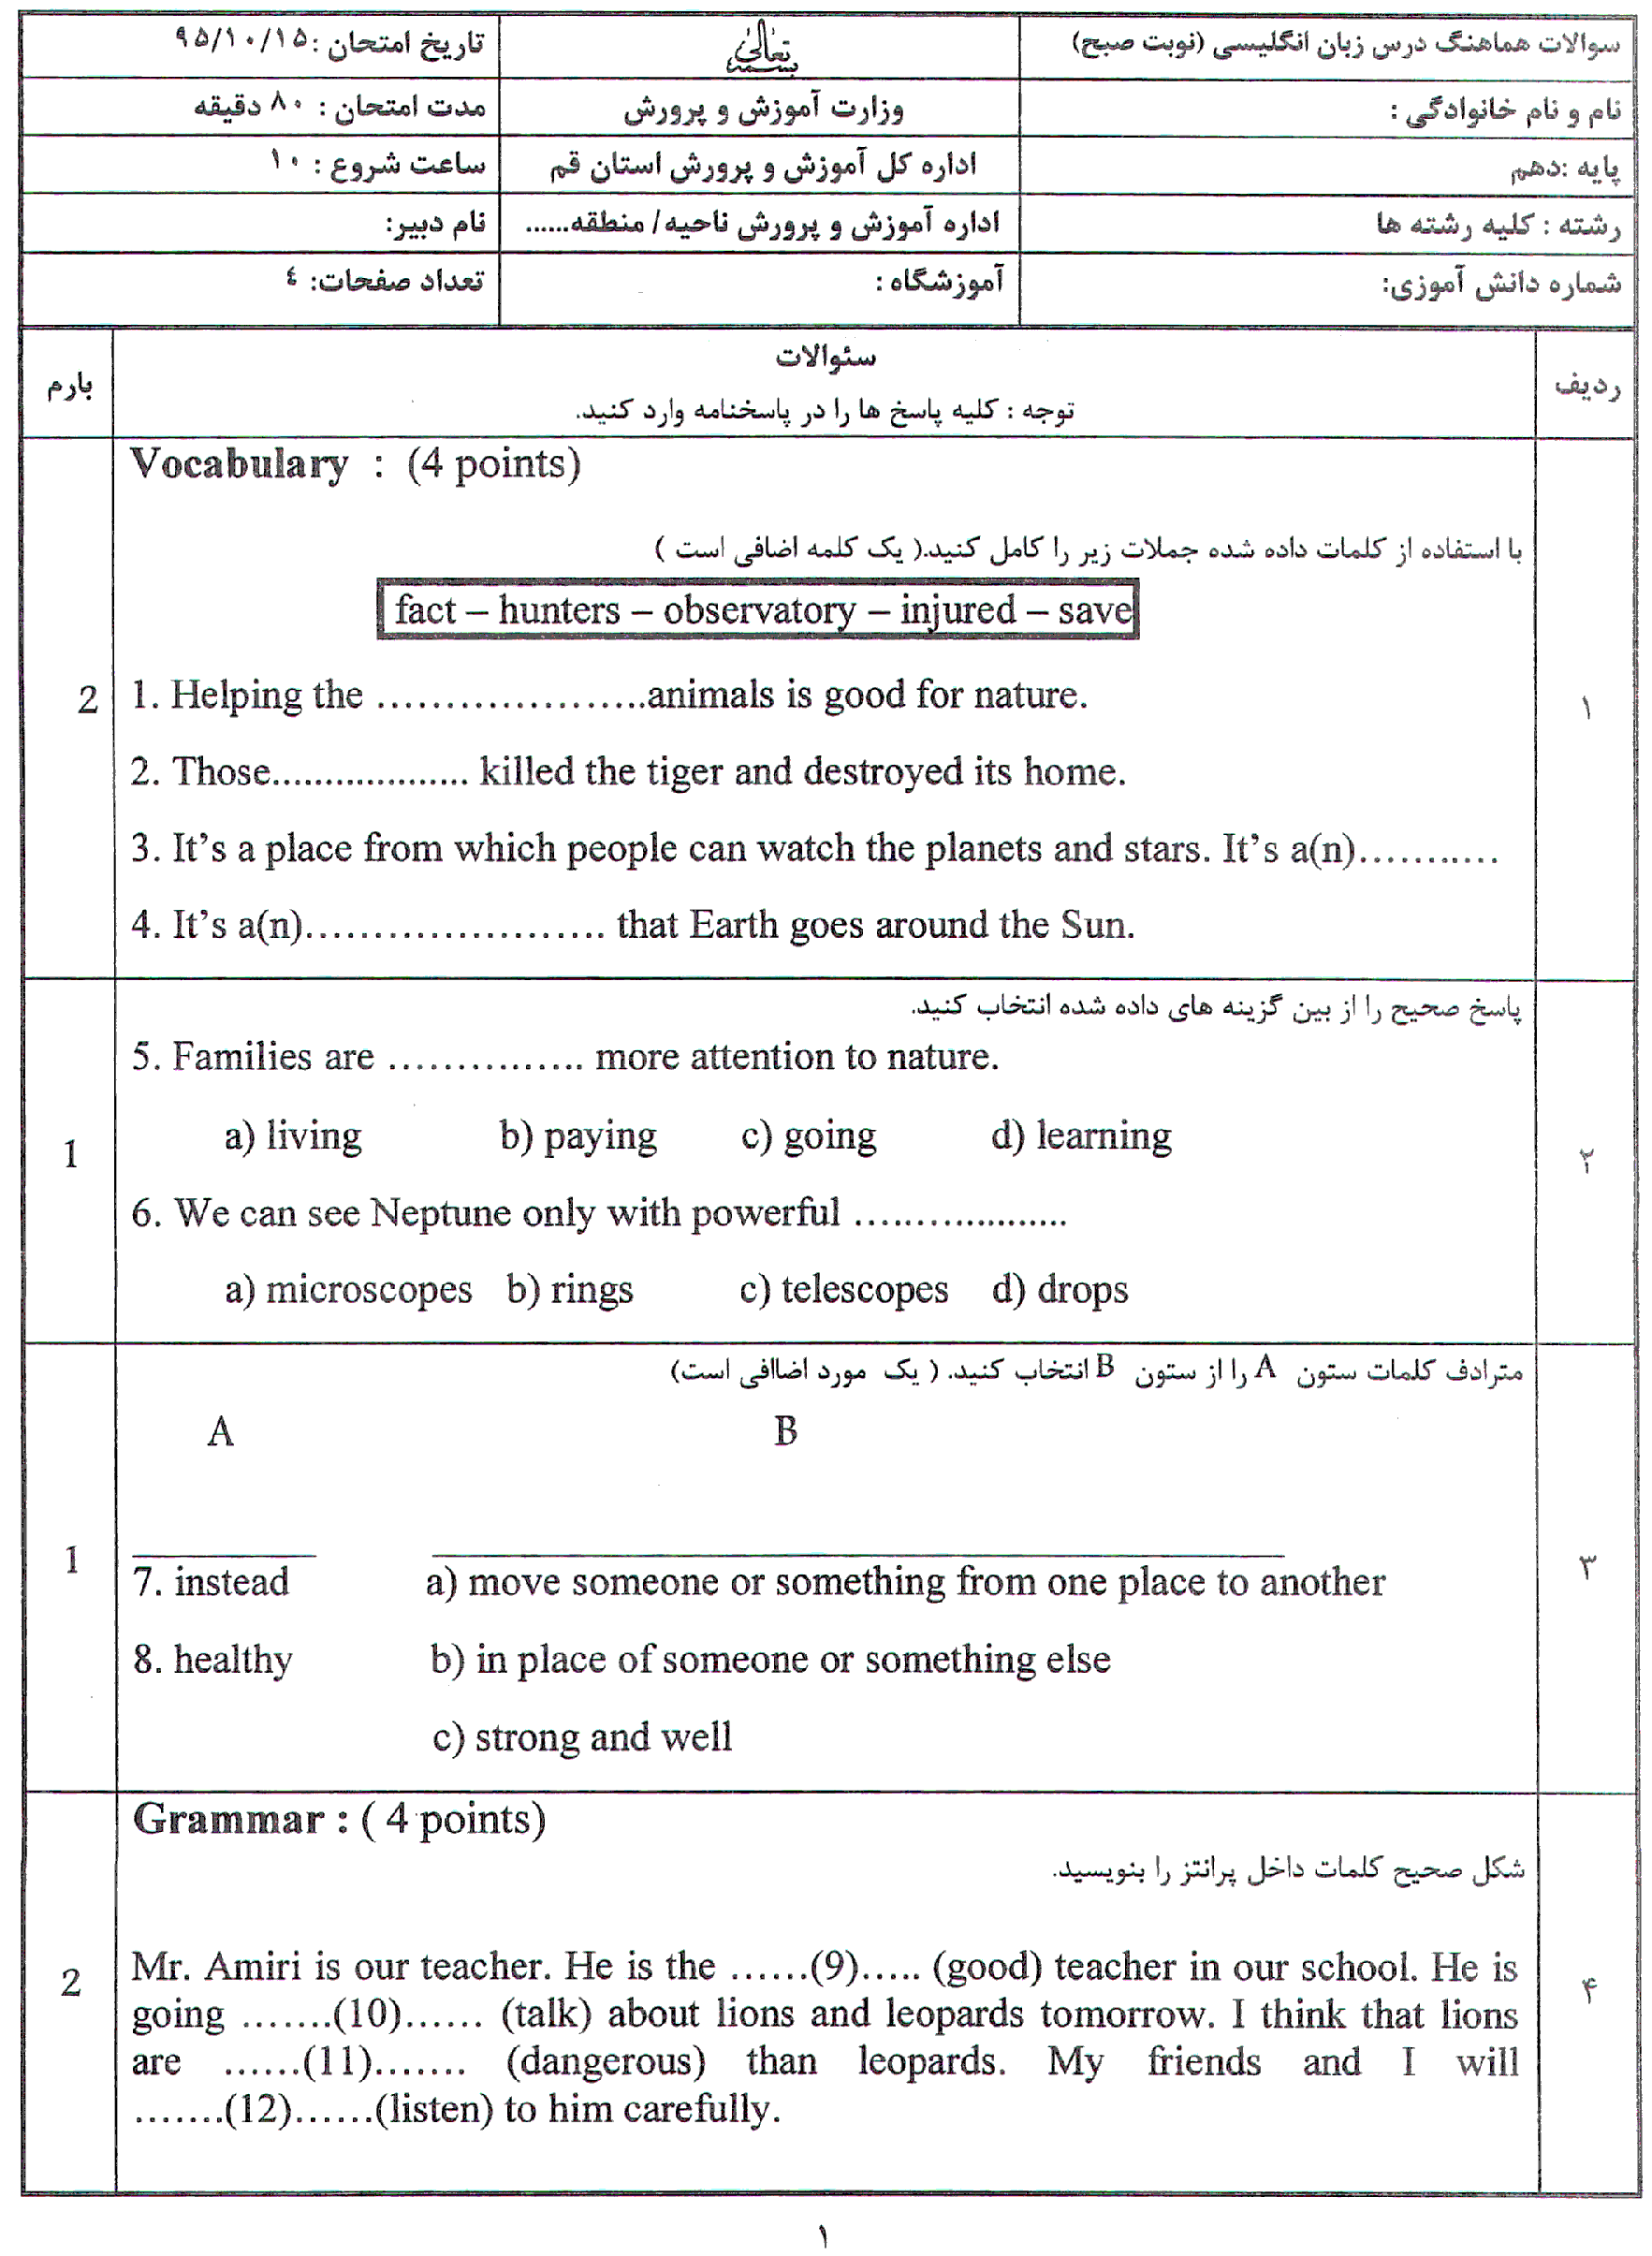 سوالات امتحان هماهنگ امتحان نوبت اول زبان انگلیسی (1) دهم عمومی کلیه رشته ها استان قم با جواب | دی 95